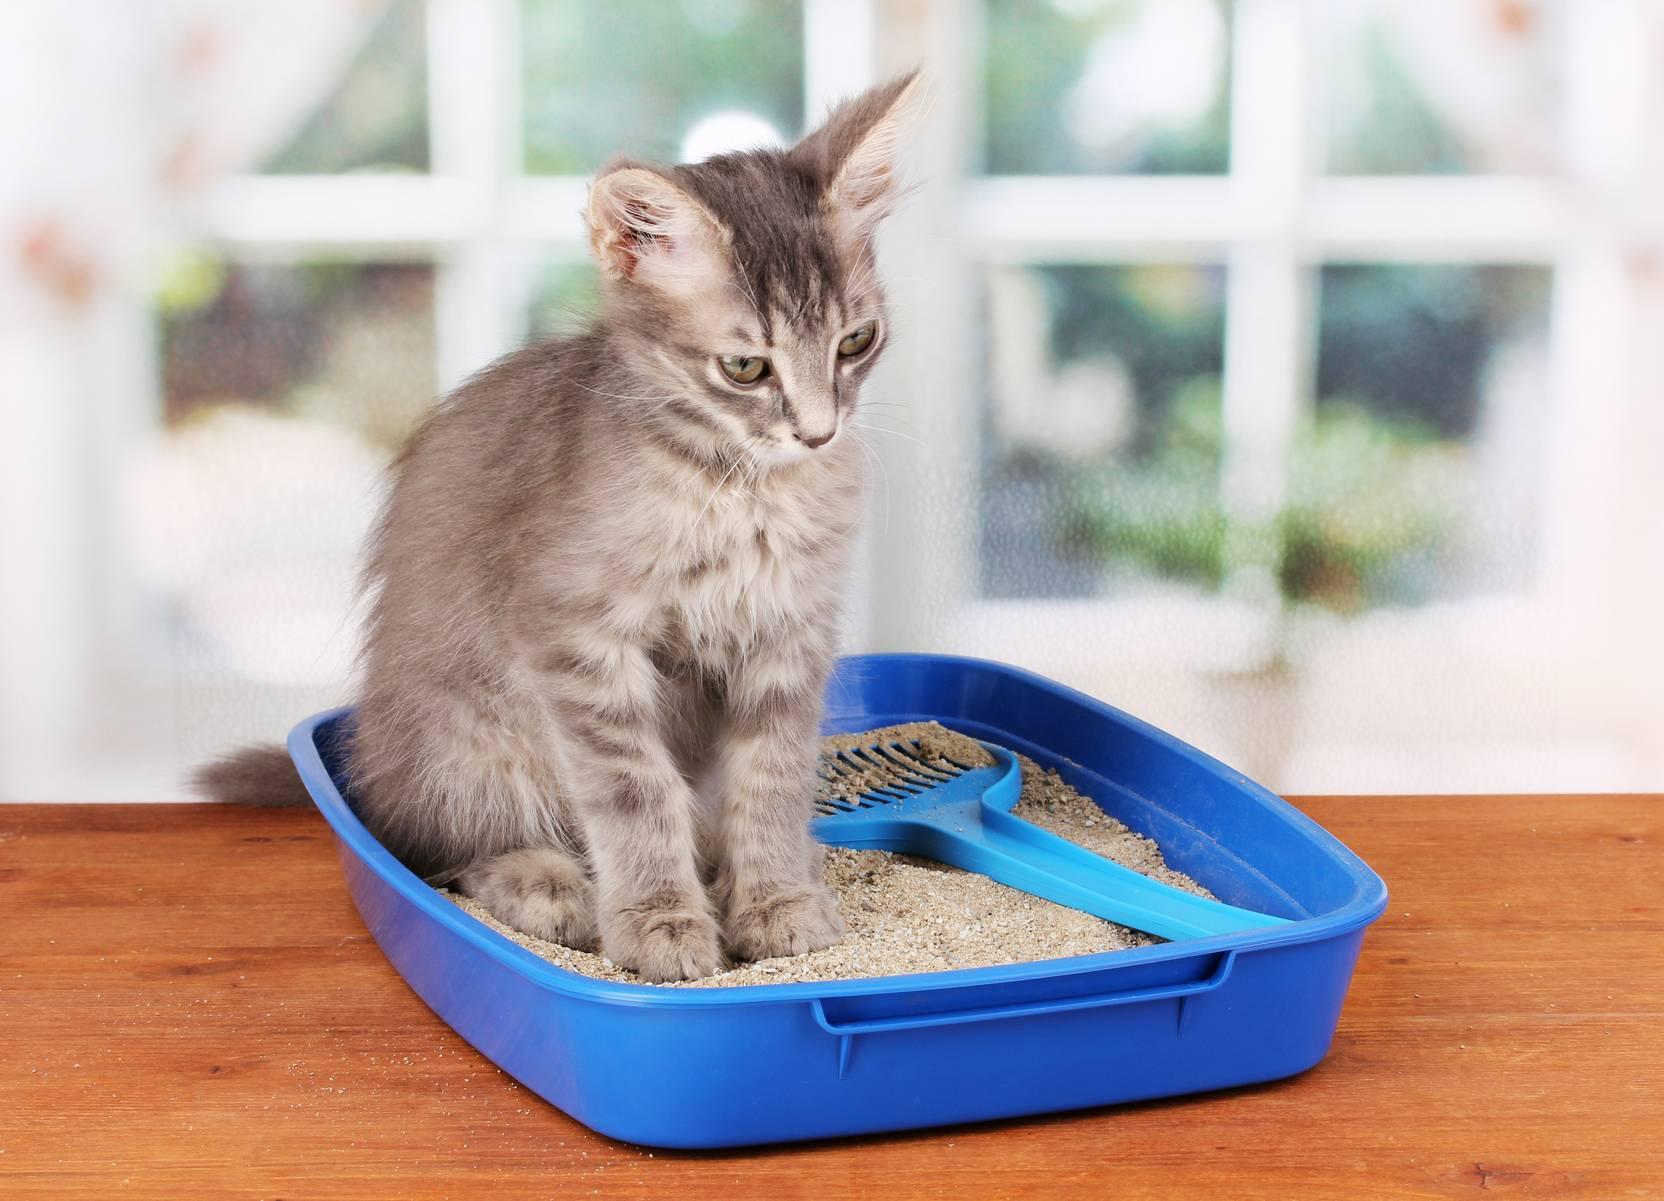 Котенок не пьет воду - что делать? котенок не пьет воду - что делать?